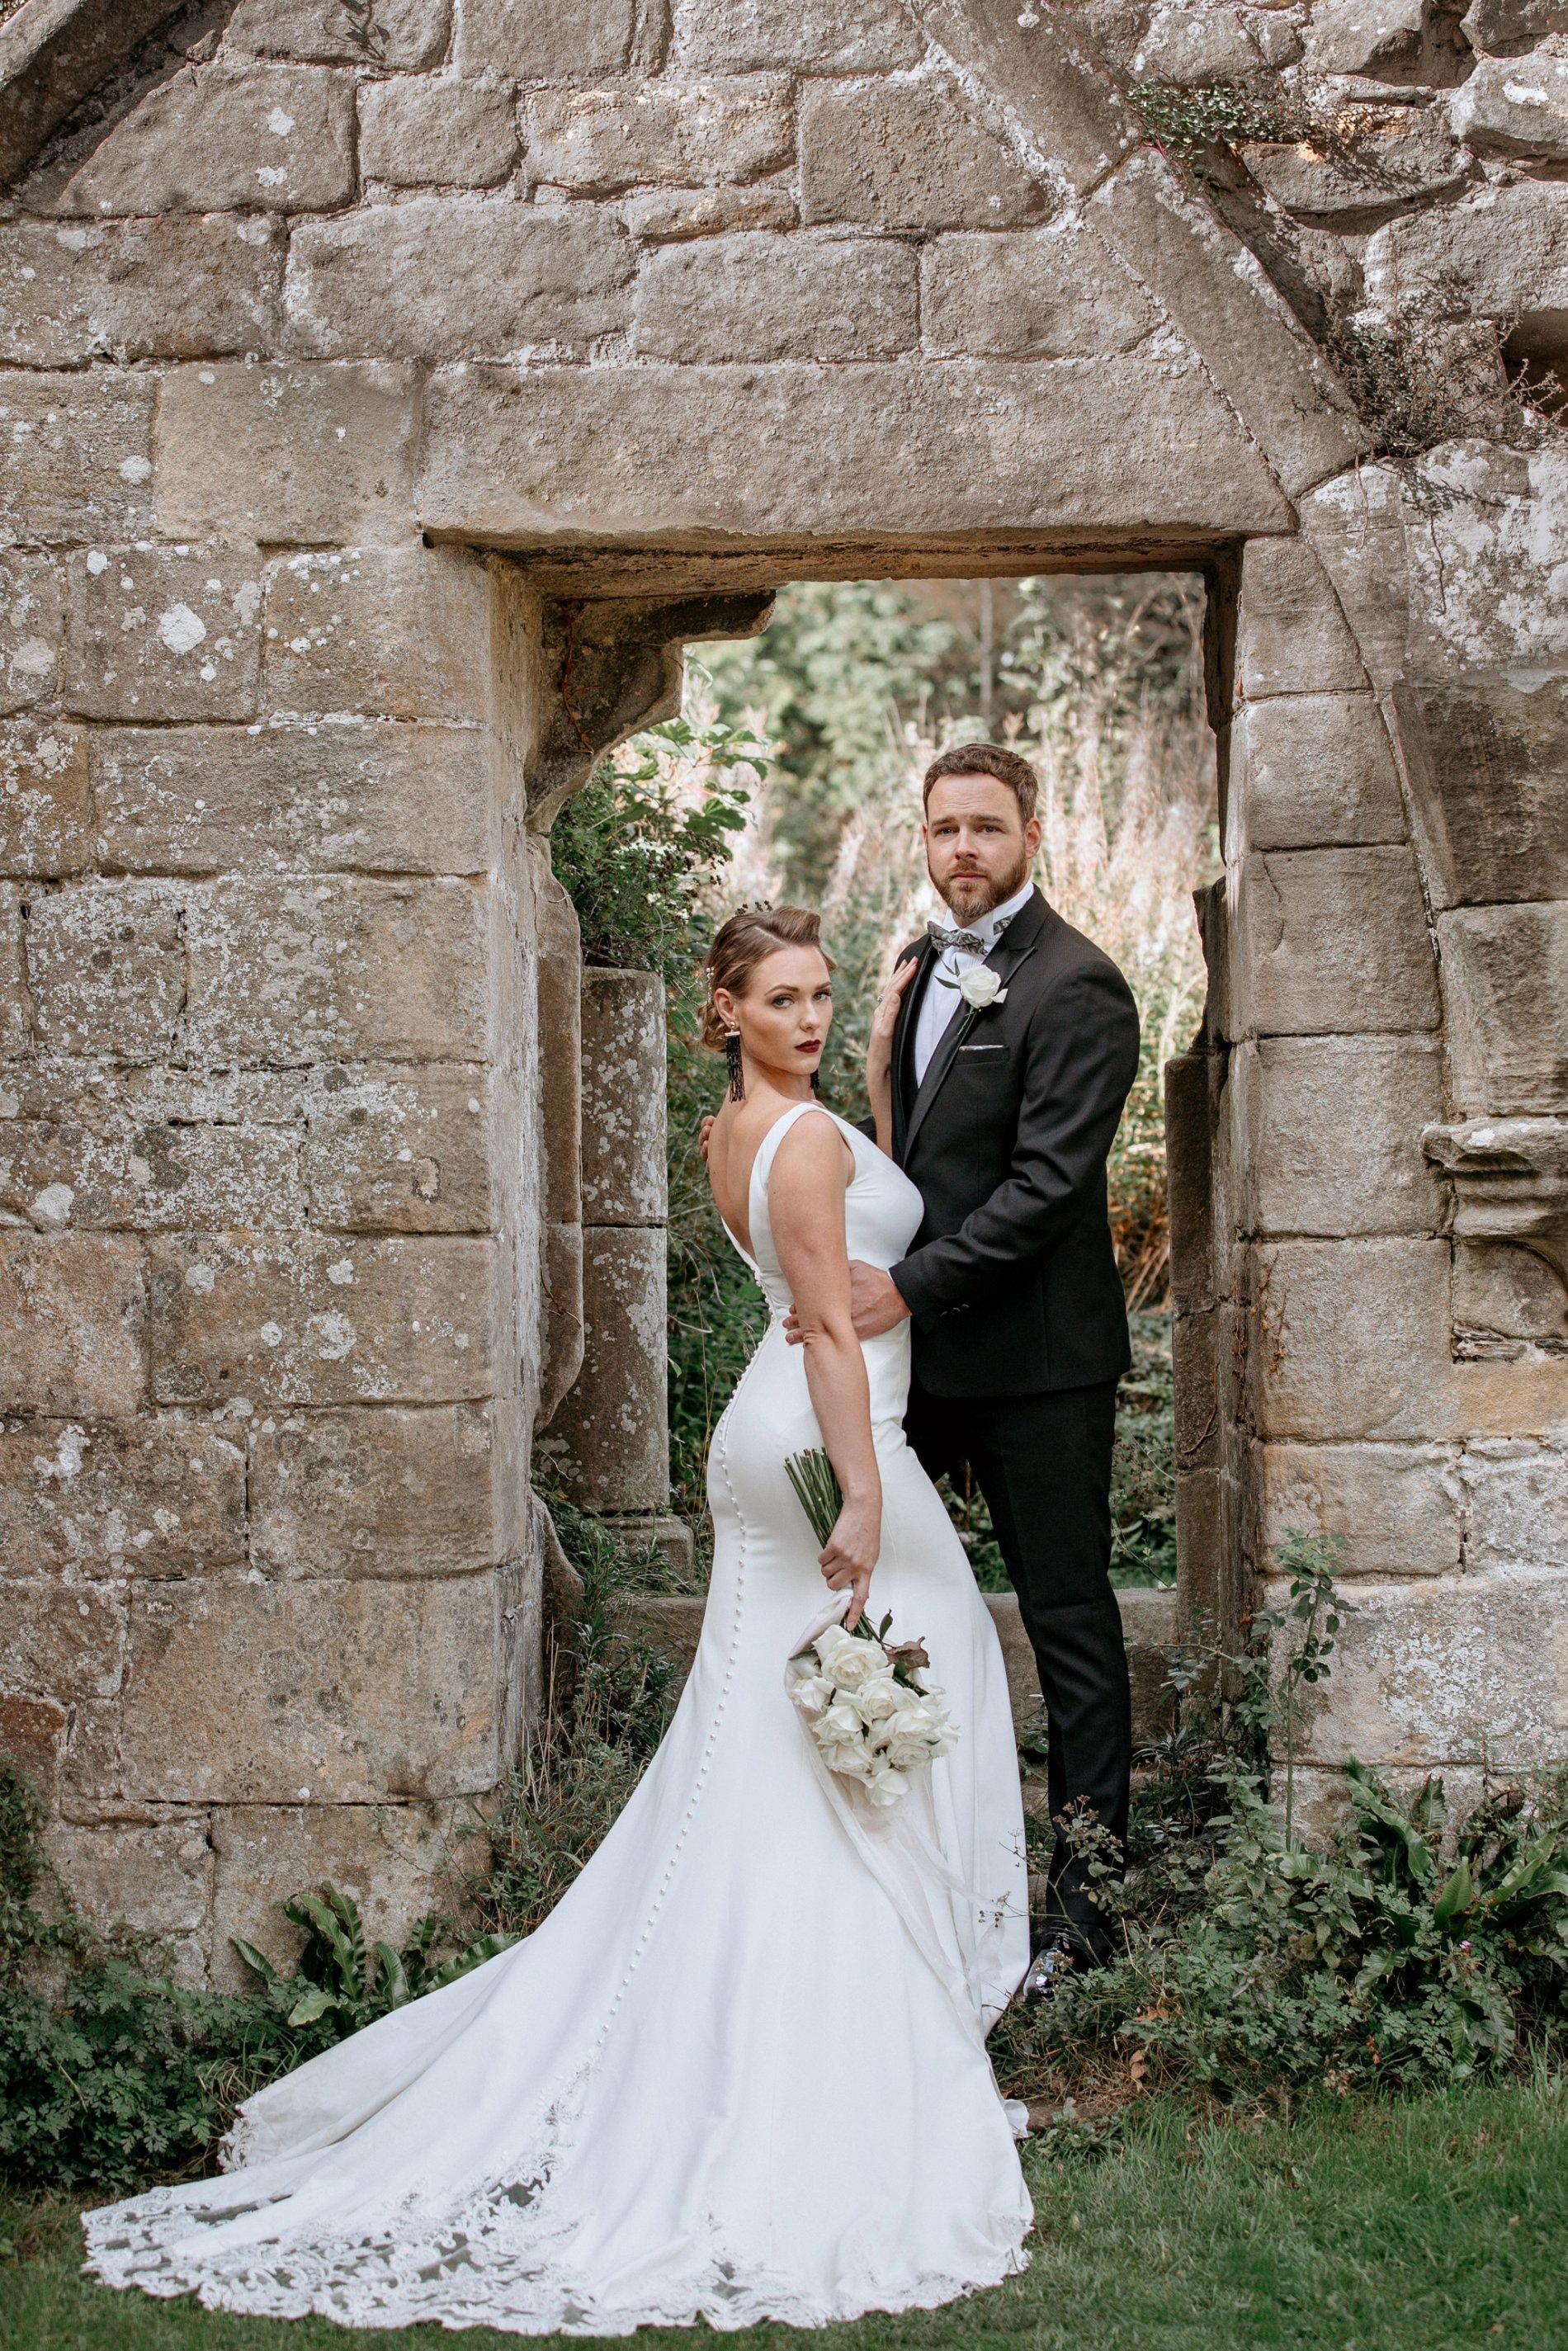 An Elegant Wedding Shoot at Jervaulx Abbey (c) Natalie Hamilton Photography (3)